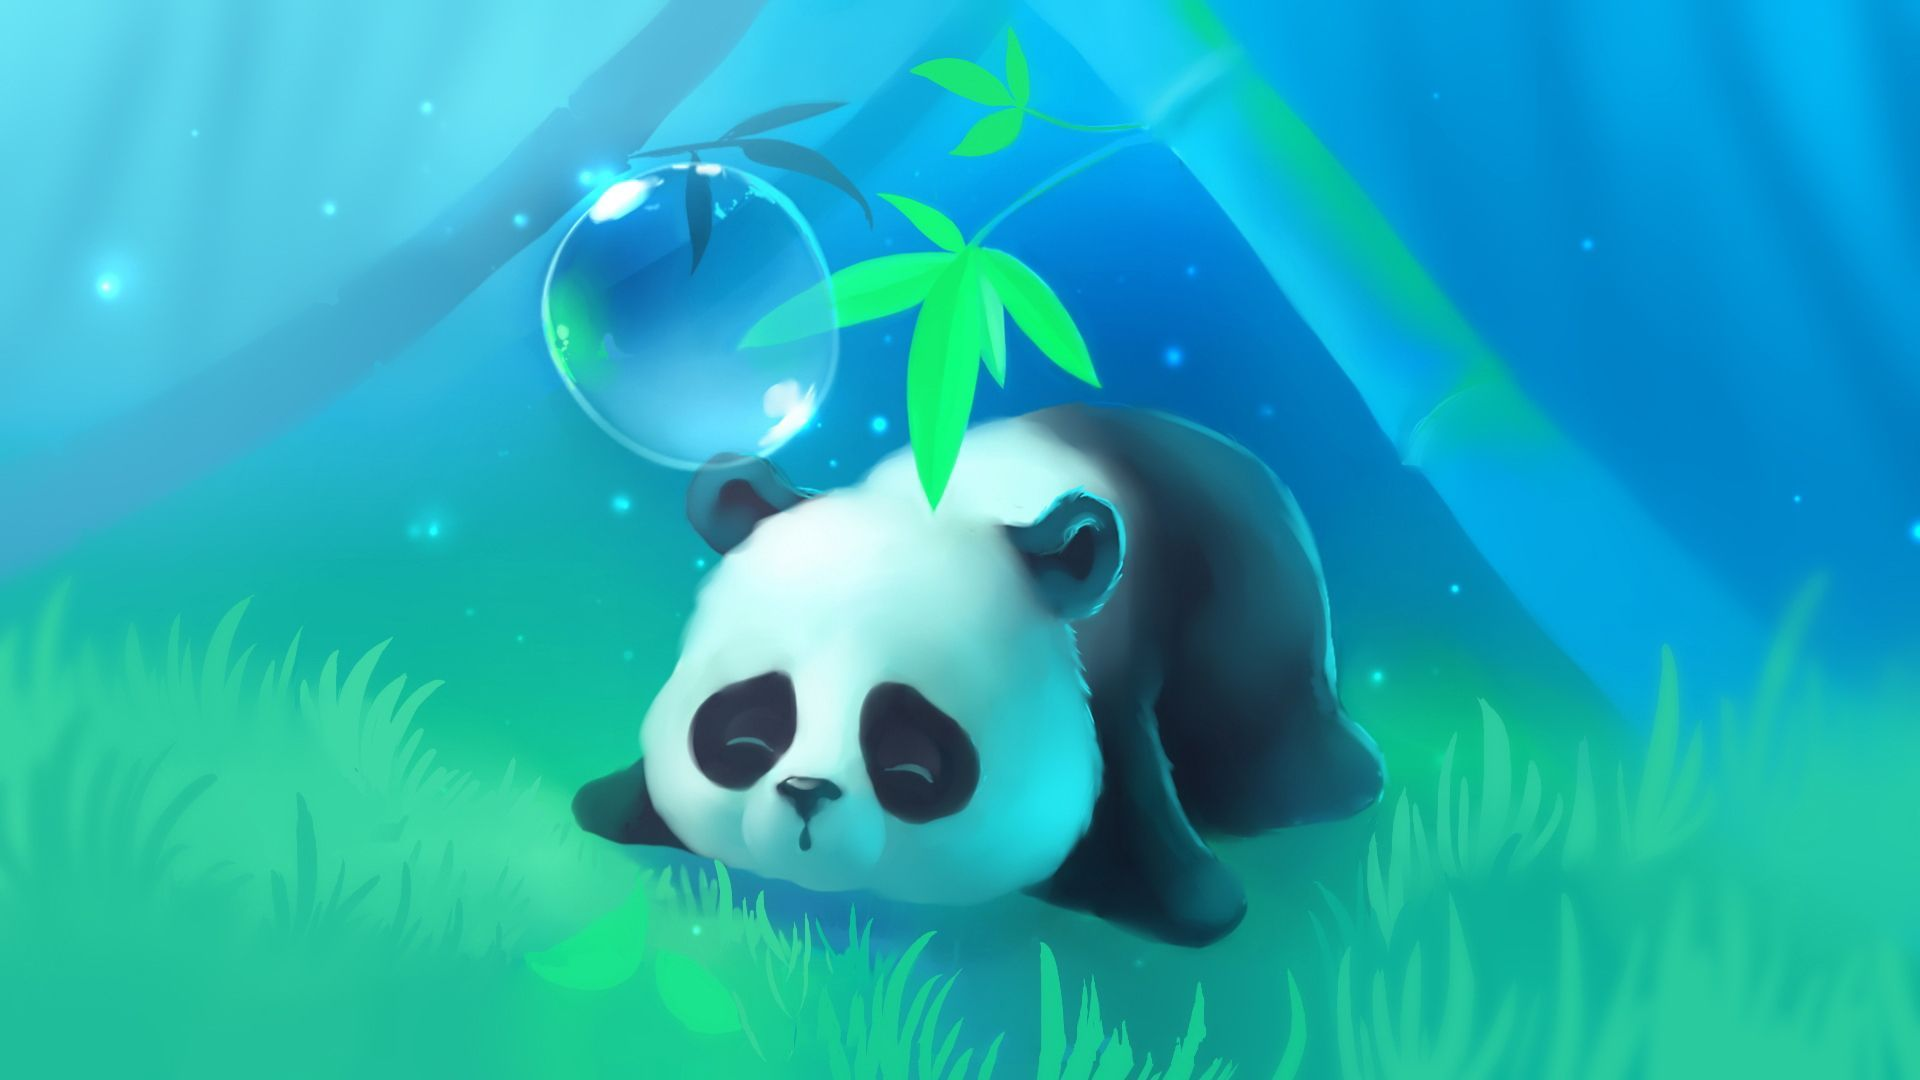 Cute Panda Desktop Wallpapers - Top